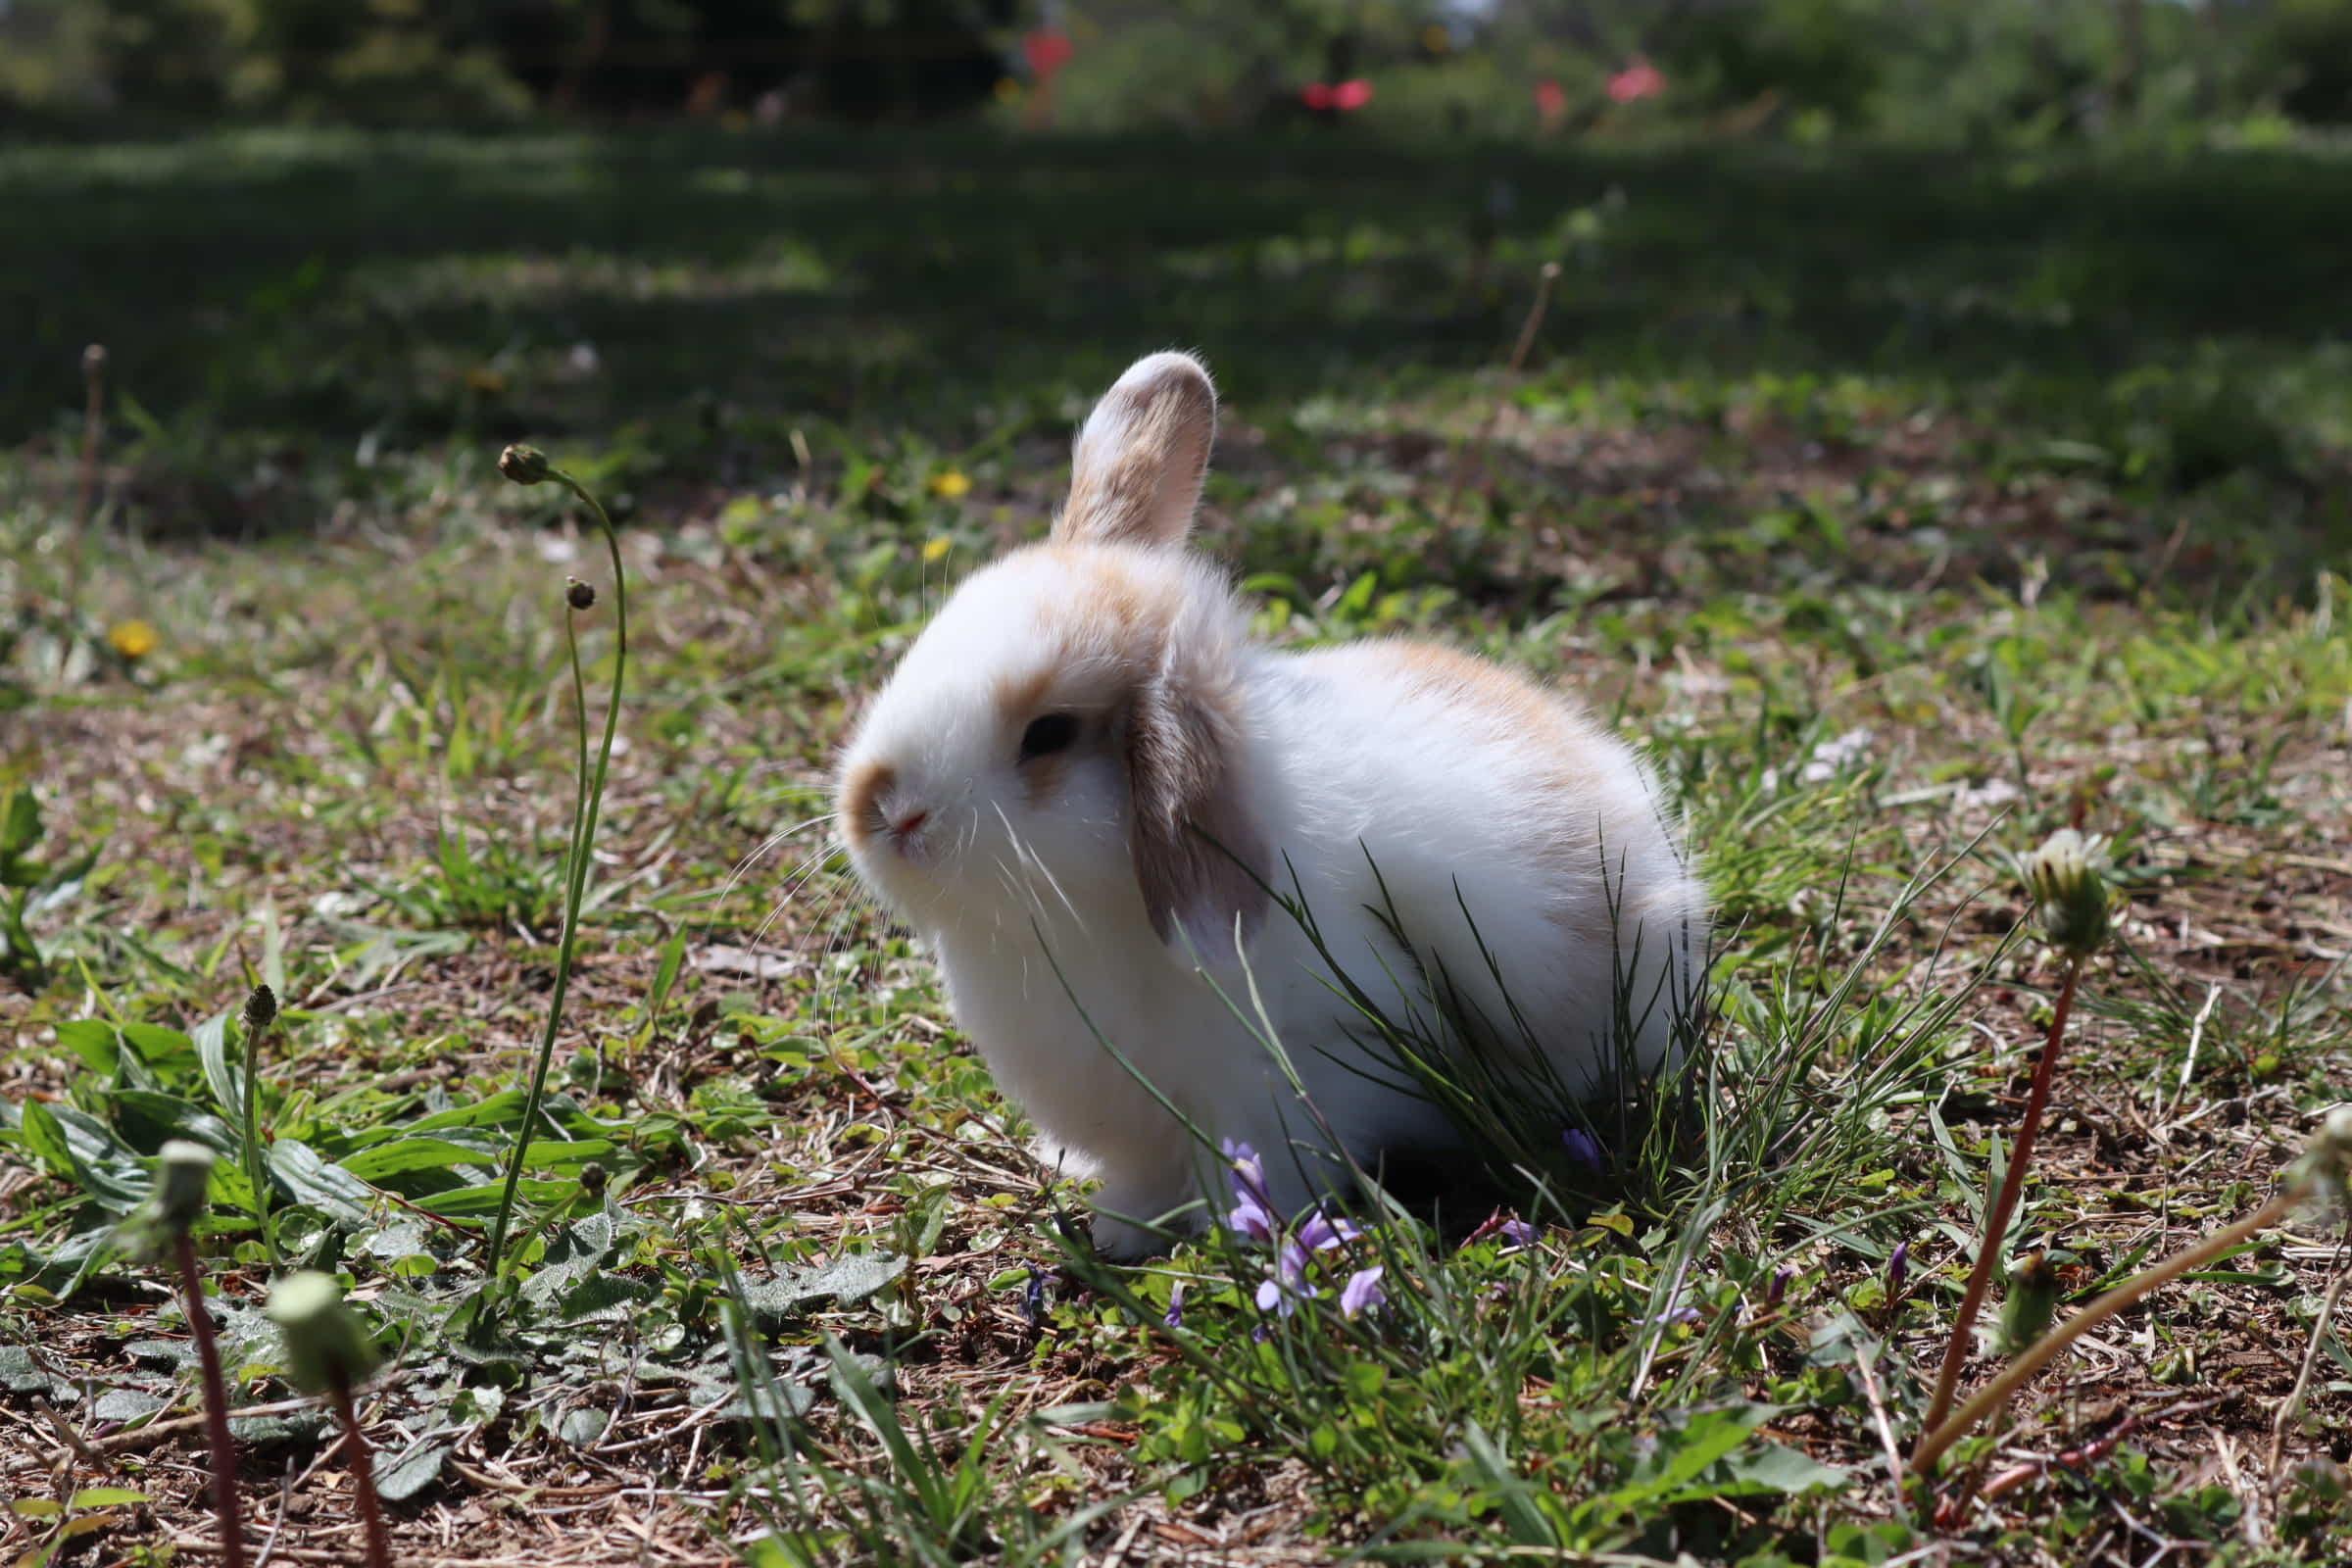 どんな行動でウサギは気持ちを表現をする?その喜怒哀楽を感じた私の体験談!